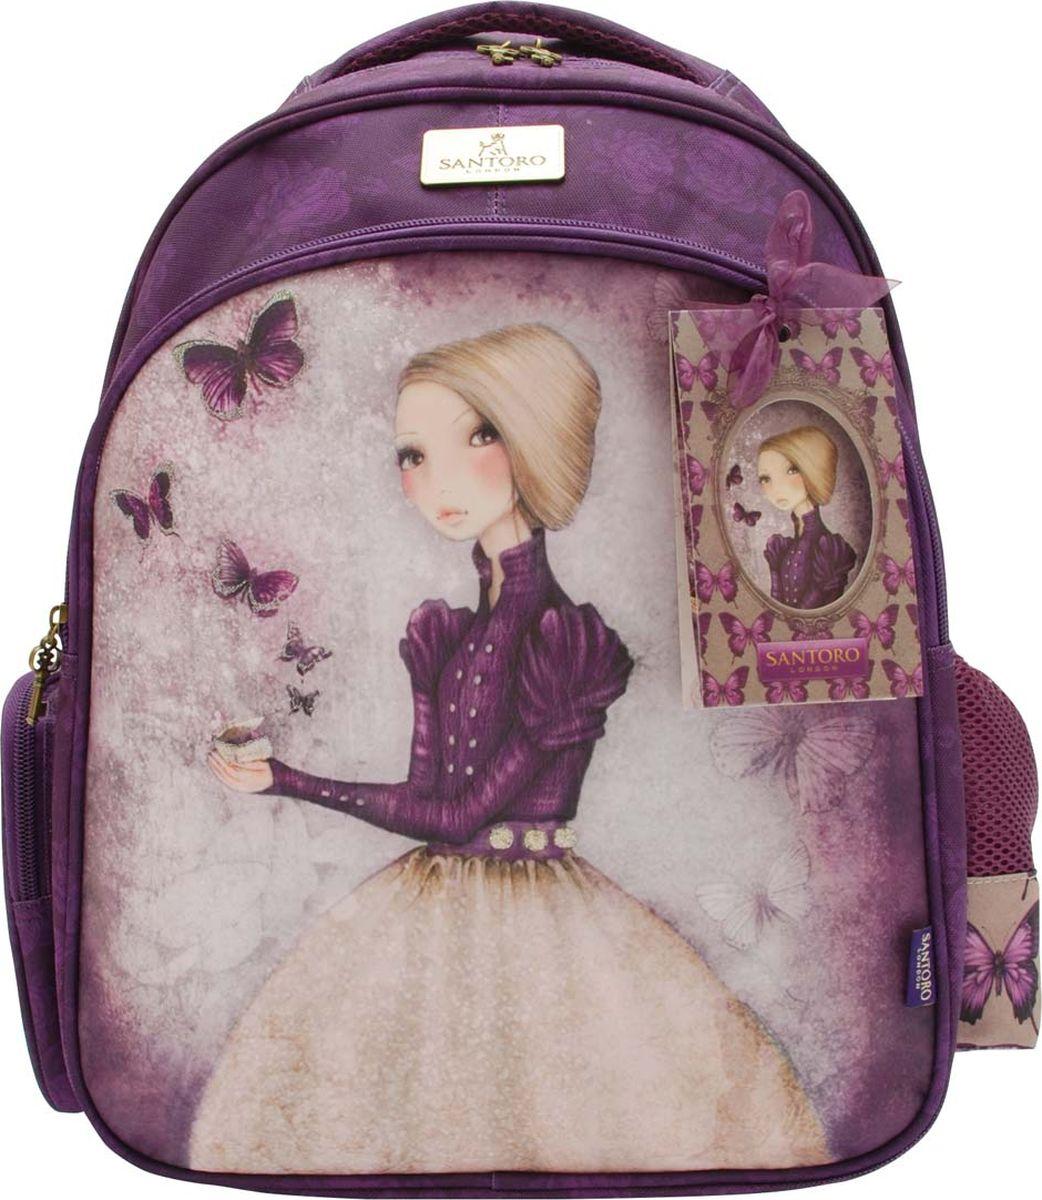 Функциональный и стильный рюкзак с элегантным рисунком идеально подходит для активных девушек.Содержит небольшой отсек спереди и большой внутри. В крупном отсеке также имеется держатель для телефона и карман на молнии для хранения различных аксессуаров.Снаружи рюкзак имеет карман на молнии с левой стороны и держатель для бутылок с правой.Каждый рюкзак выполнен вручную.Материал: Наружный: Полиэфир 100% Подкладка: 100% Полиэфирная Отделка: 100% Полиуретан